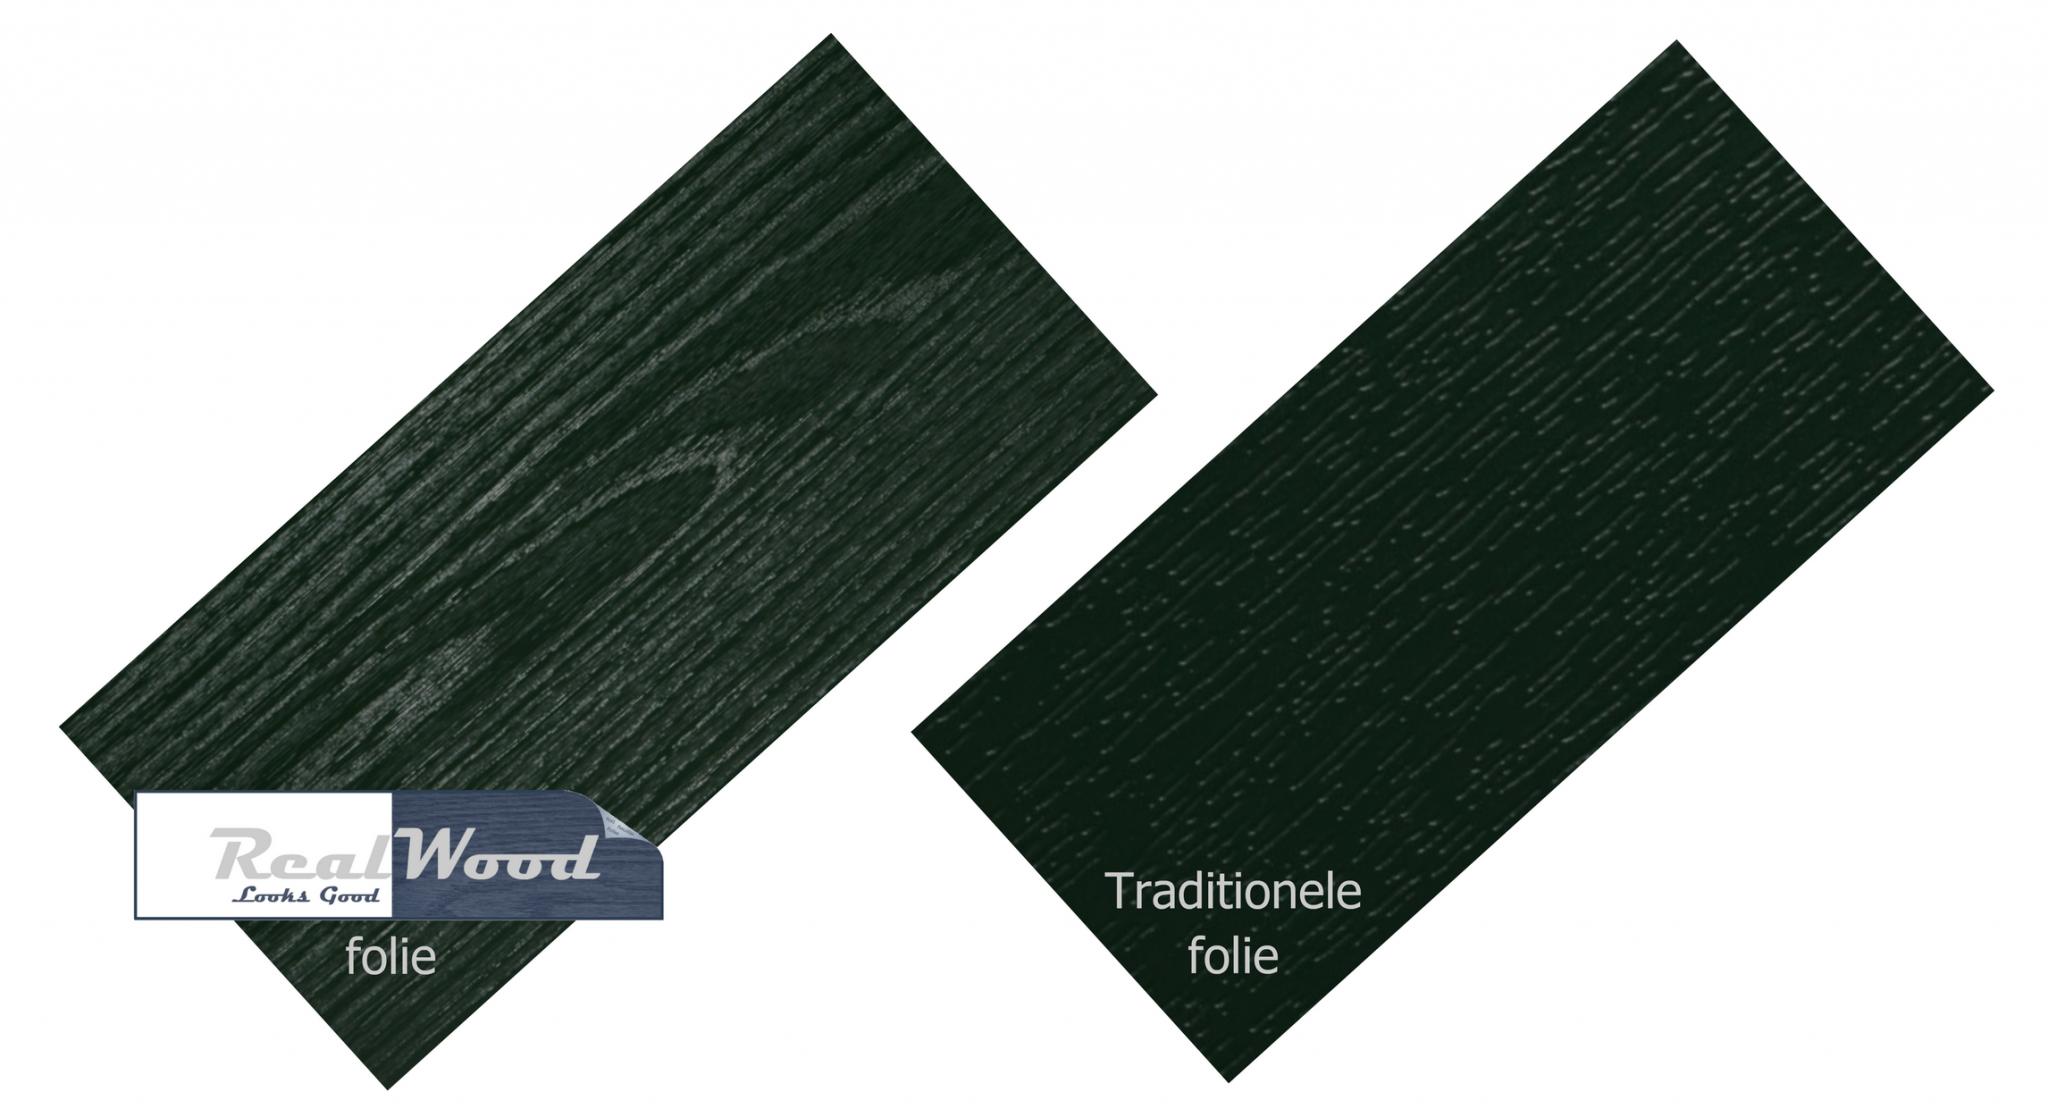 Vergelijk Realwood (logo)- Traditioneel KLEIN